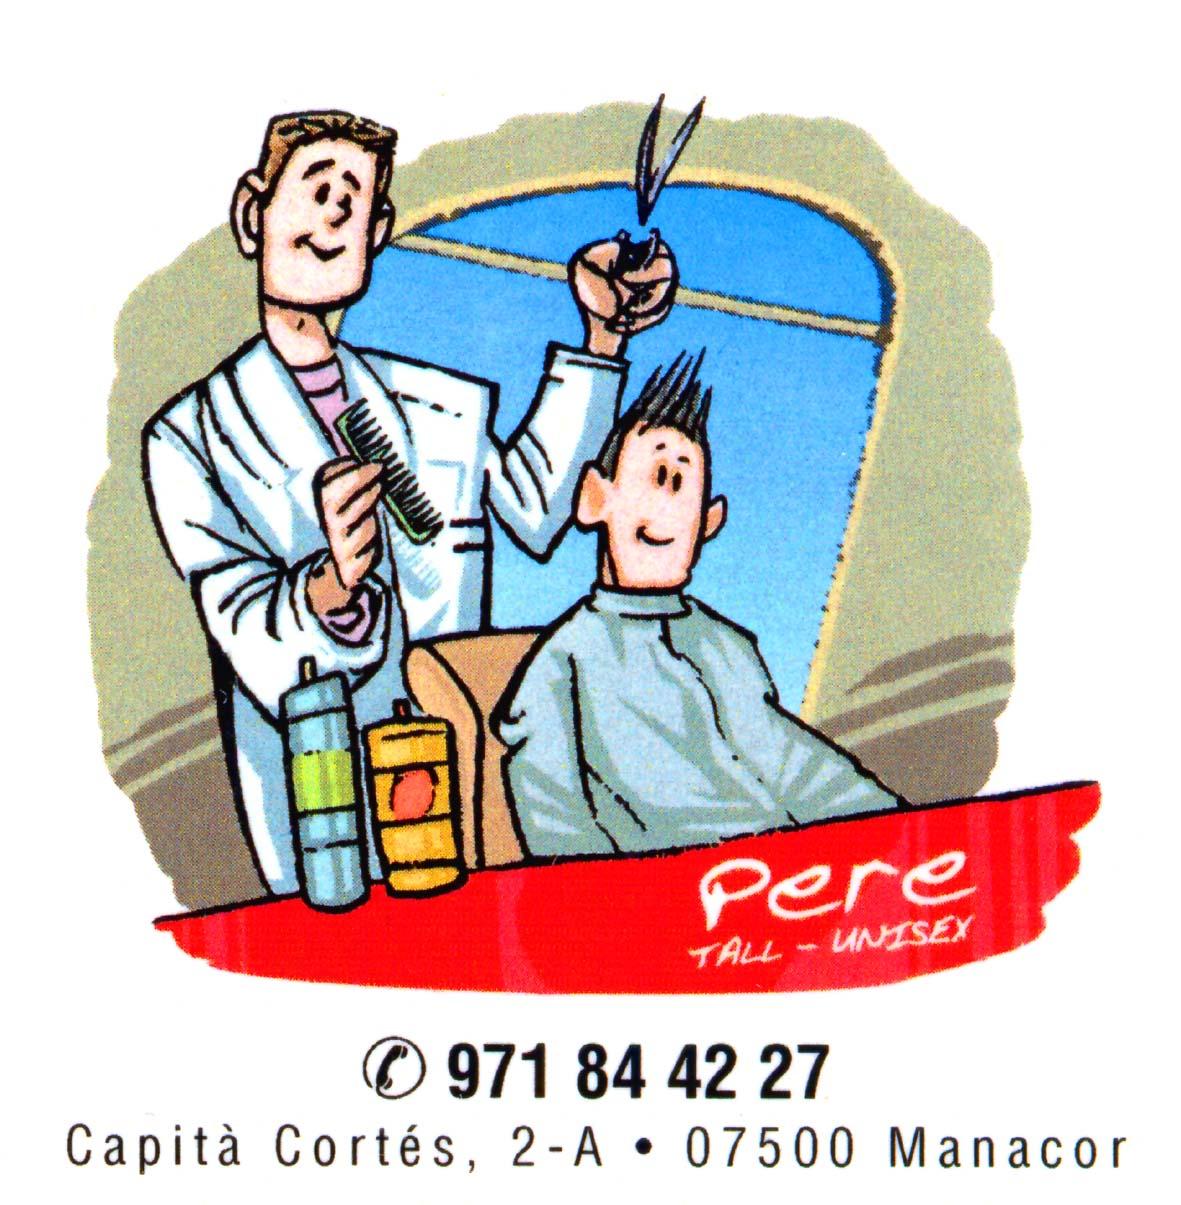 pere peluqueria